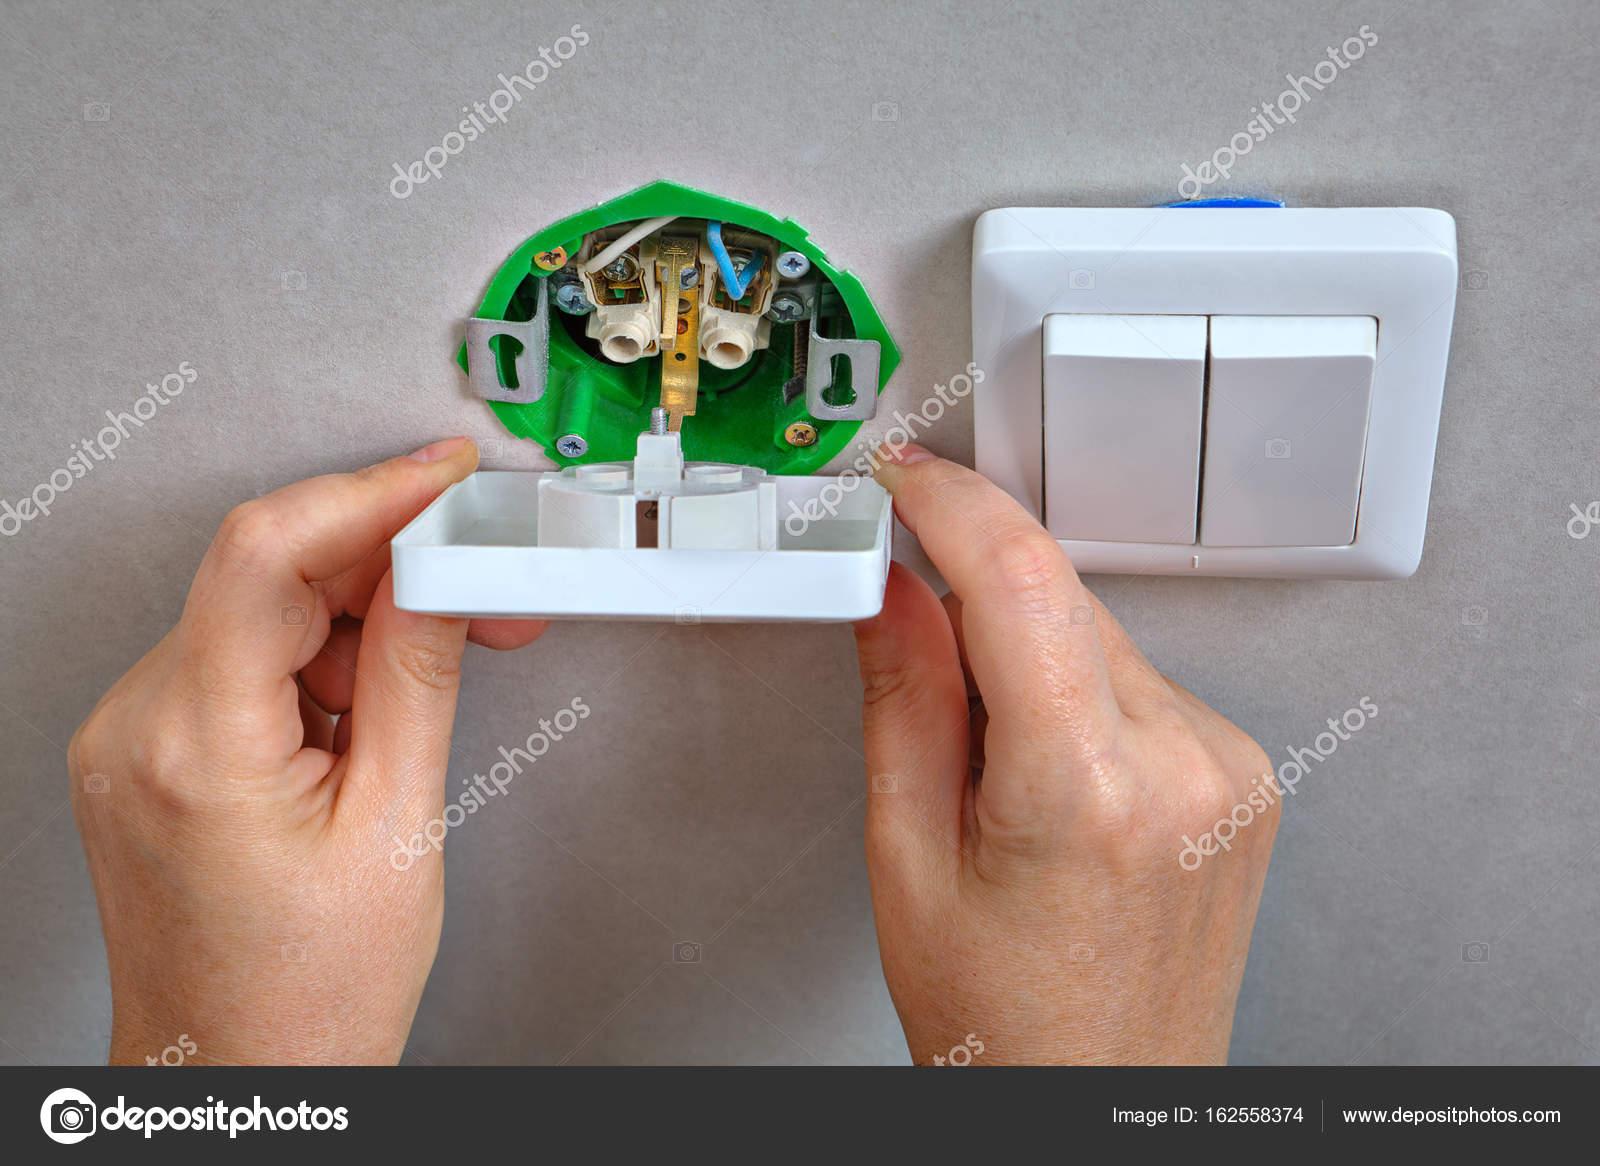 Befestigung elektrische Steckdose und Lichtschalter, Elektriker Han ...